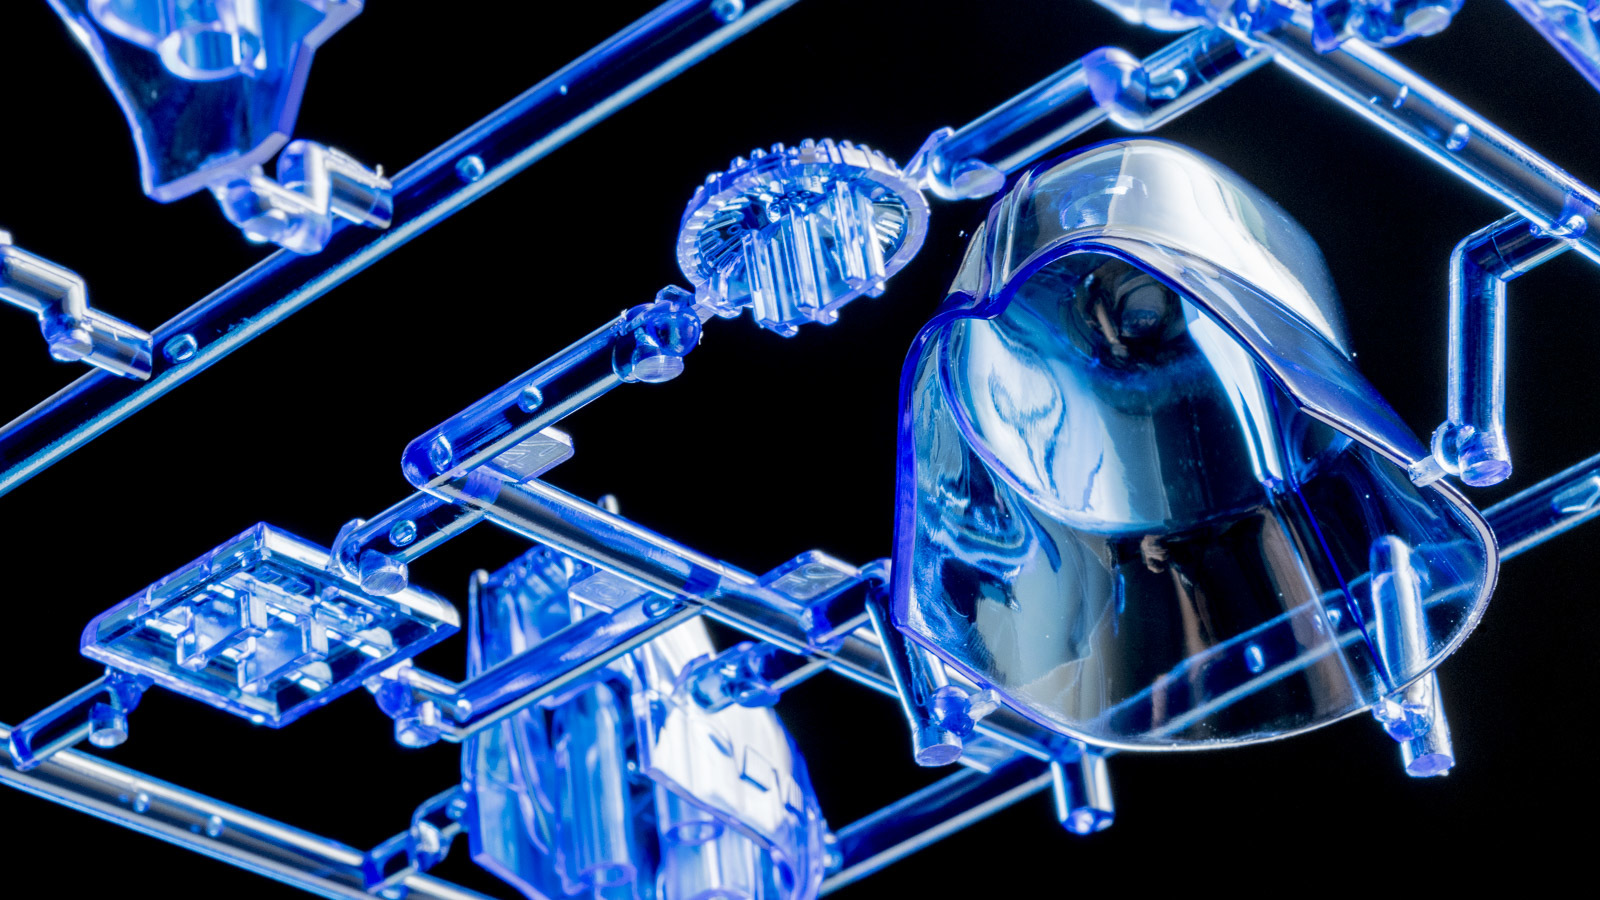 ダース・ベイダーのホログラムがプラモデルになった日_b0029315_12292721.jpg